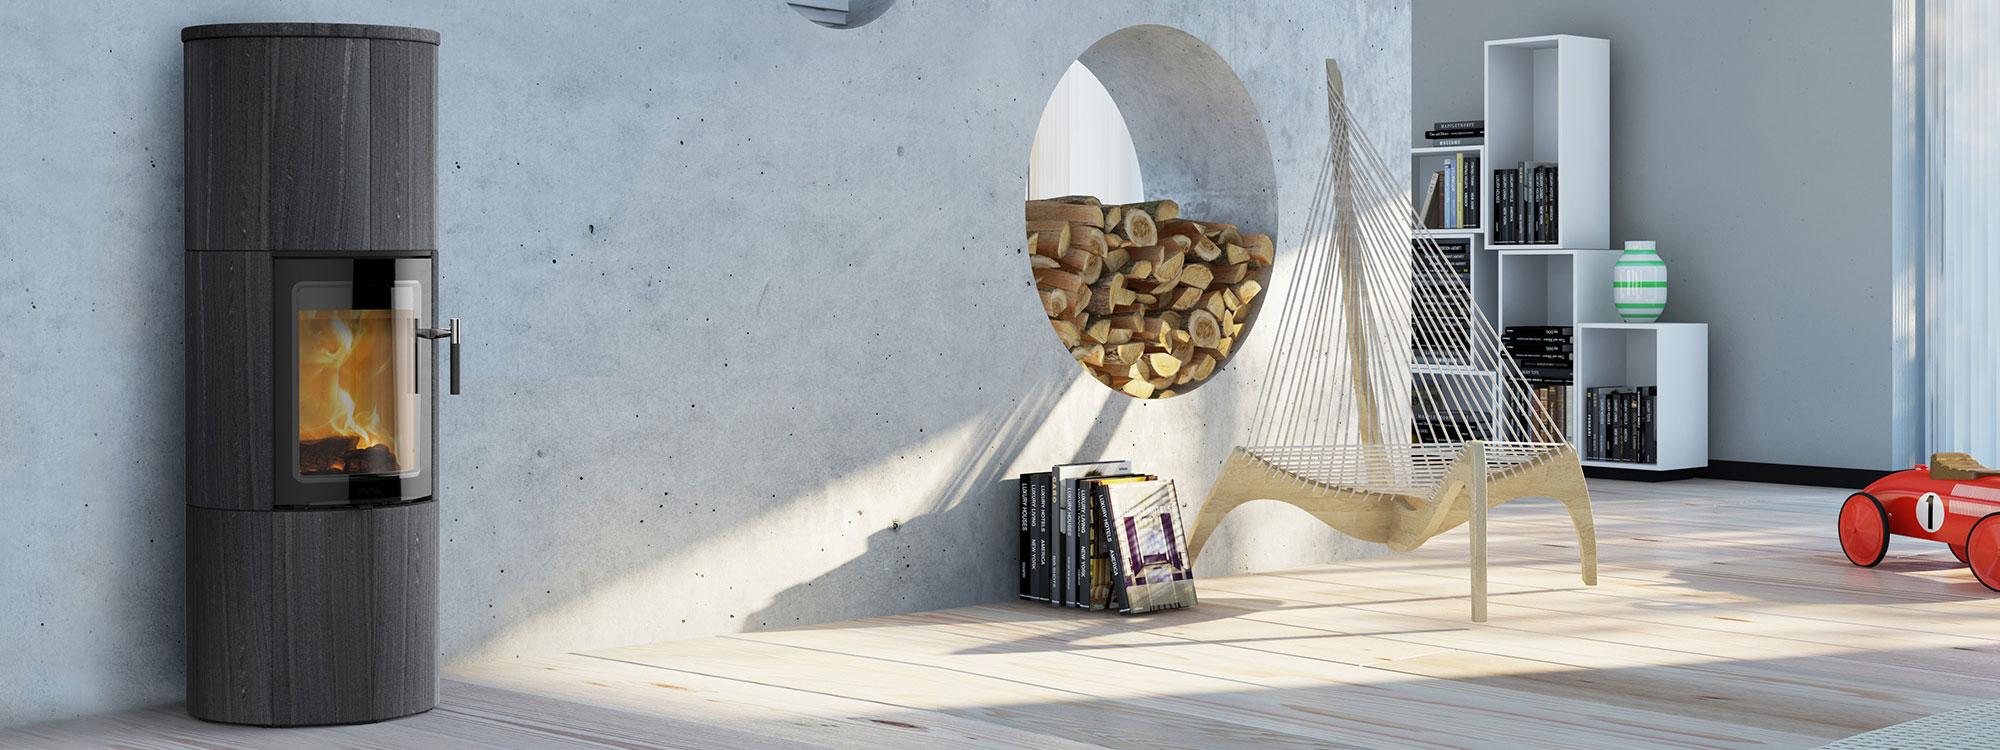 kamin fen nat rliche w rme wohlige atmosph re ml kaminofen duisburg. Black Bedroom Furniture Sets. Home Design Ideas